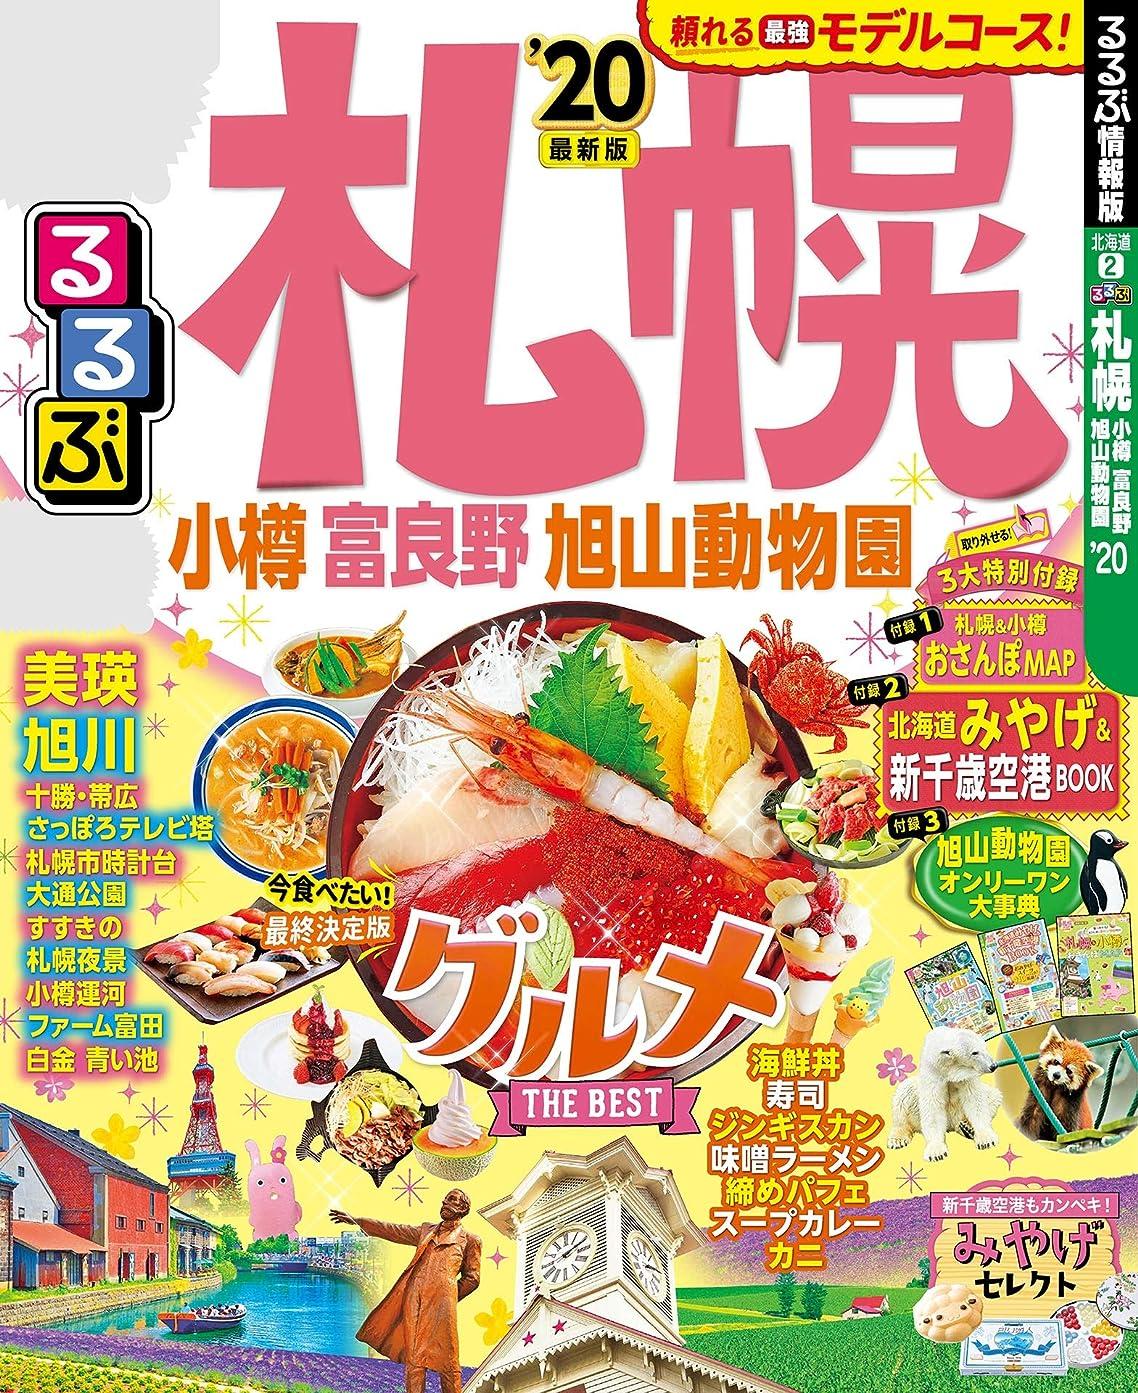 提案締め切りスパイラルるるぶ札幌 小樽 富良野 旭山動物園'20 (るるぶ情報版(国内))